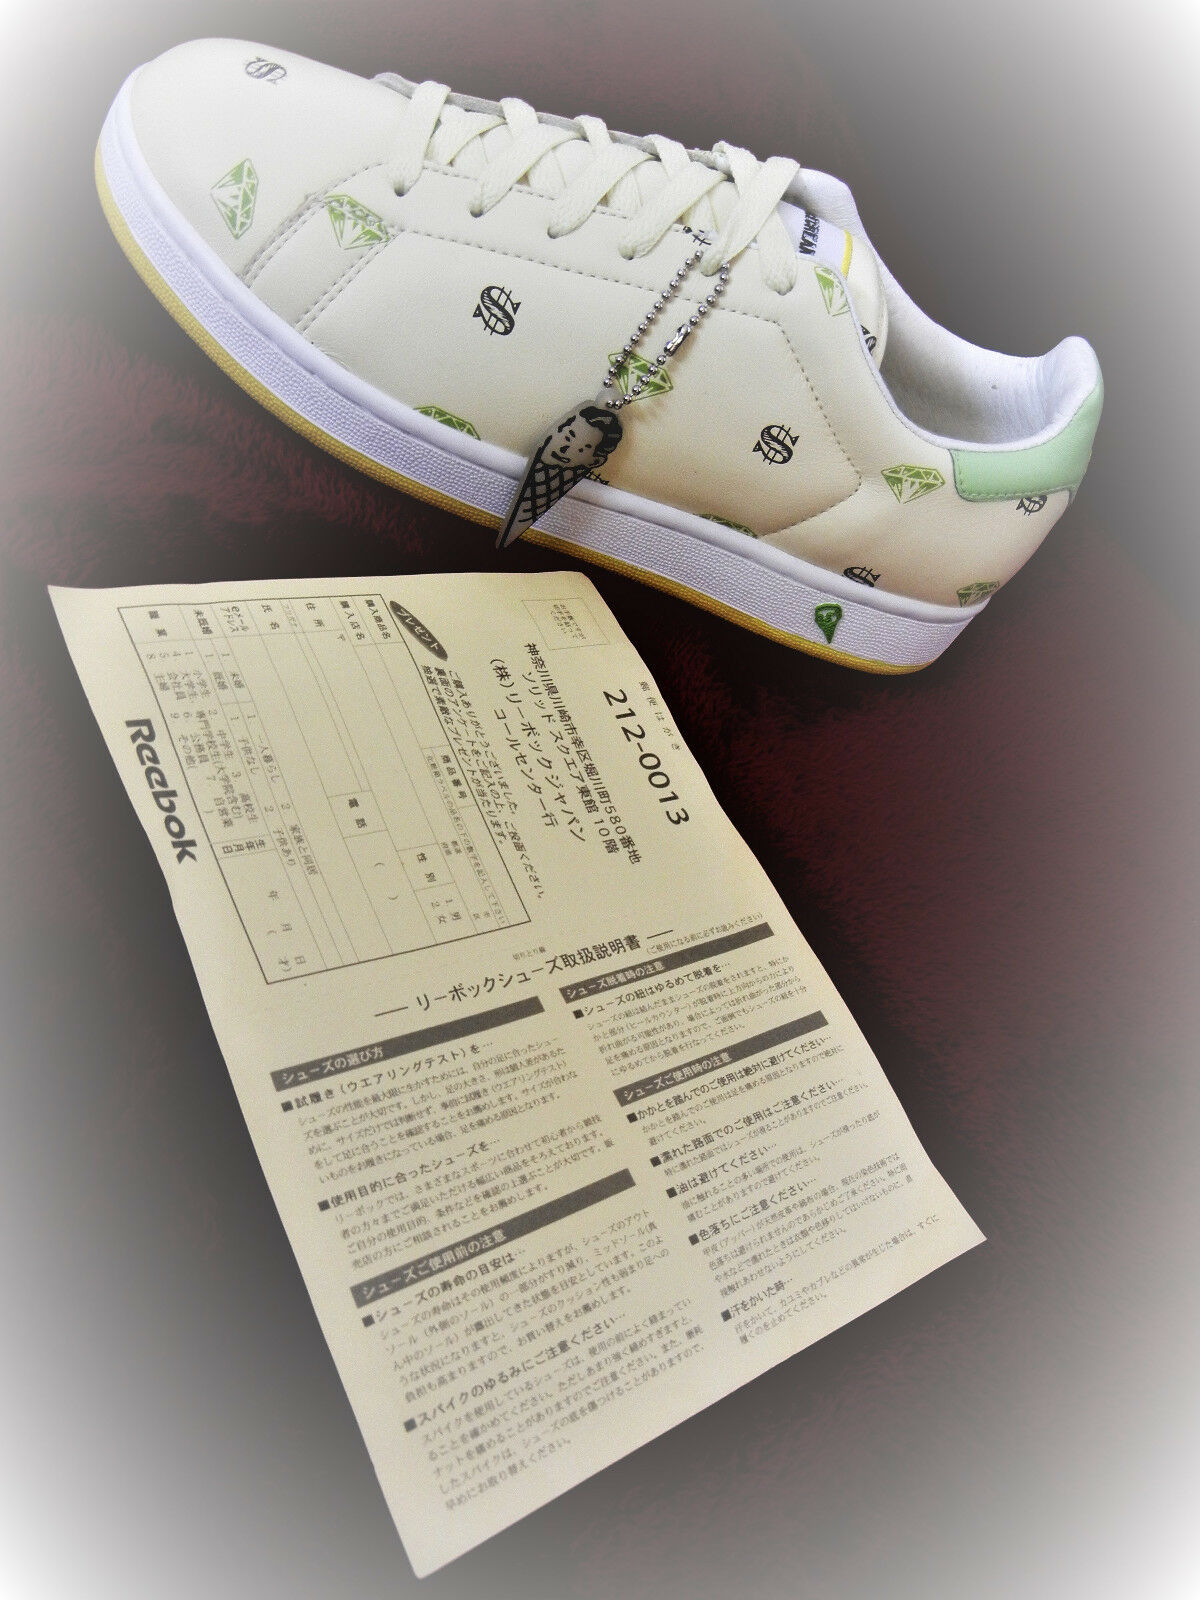 Reebok  IceCreamshoes F W 2006  JAPAN Diamond Dollar shoes SIZE 8 sneakers  DS